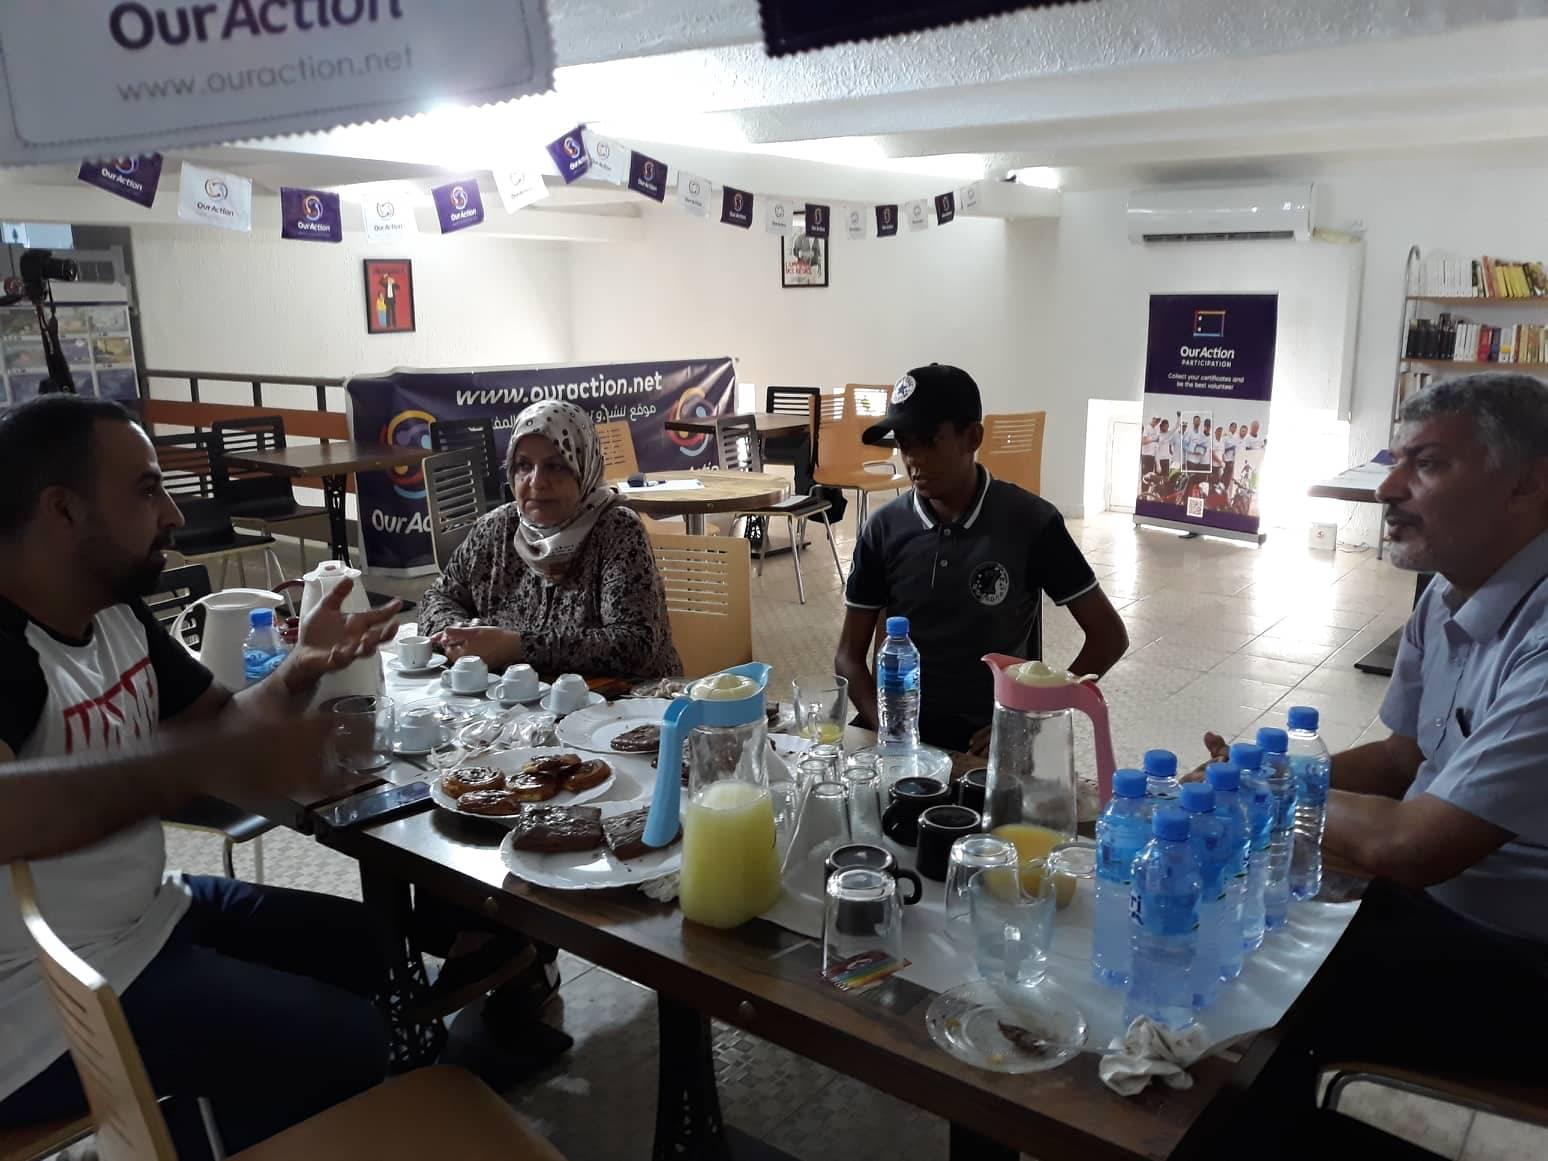 صباح الجمعيات عنابة 04 : التنسيق بين الجمعيات الخيرية - Bilama Services